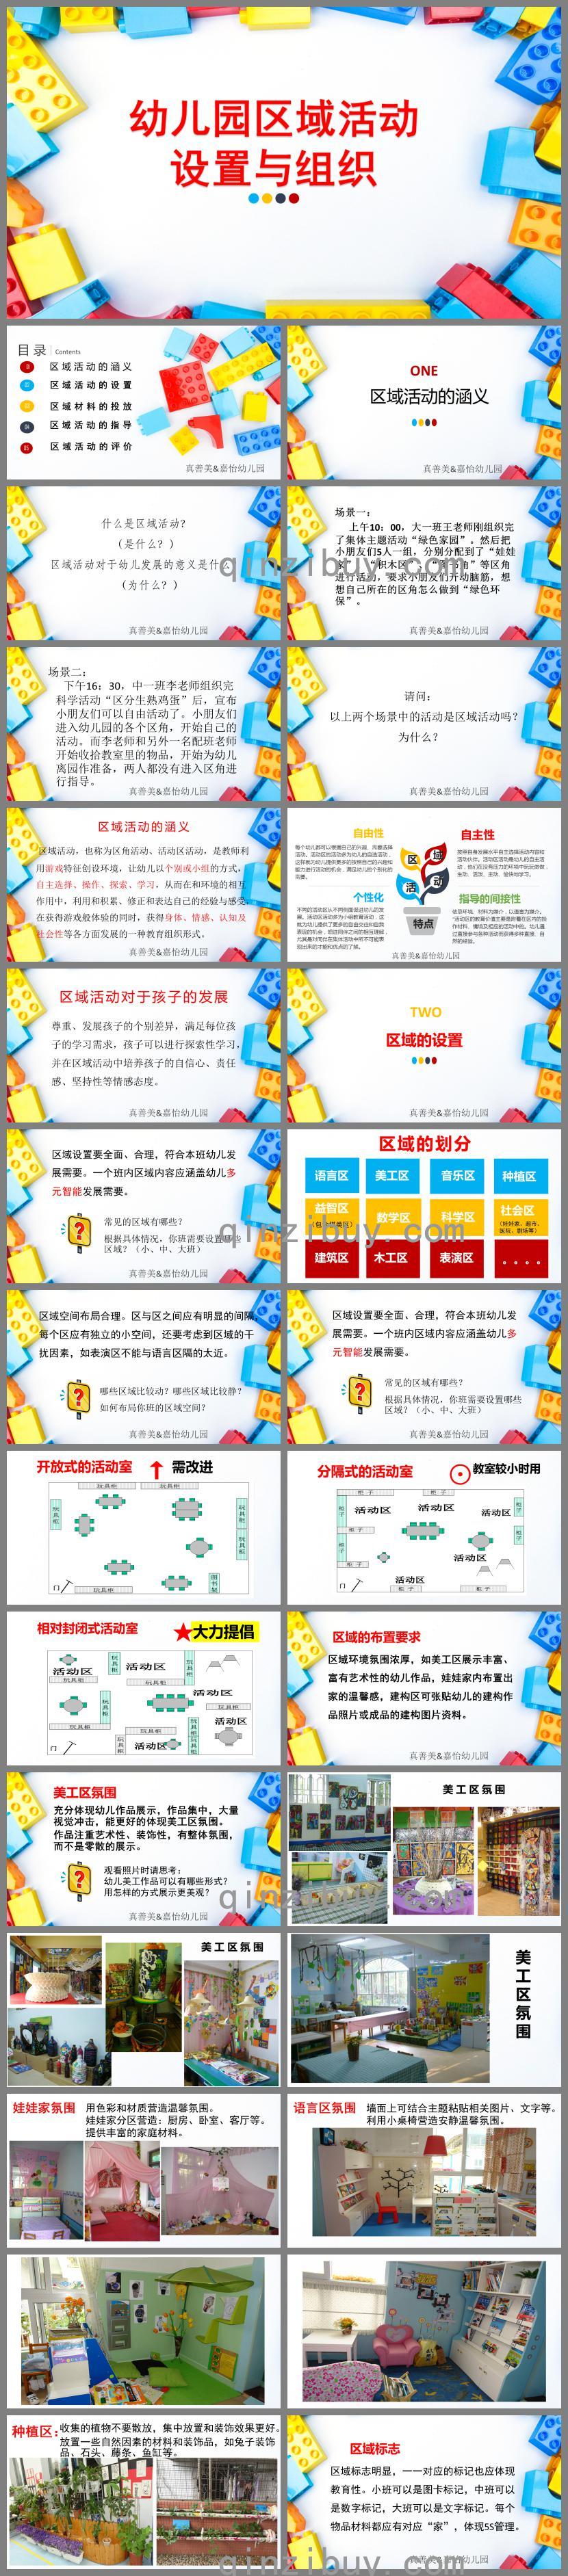 幼儿园区域活动的设置与组织PPT课件